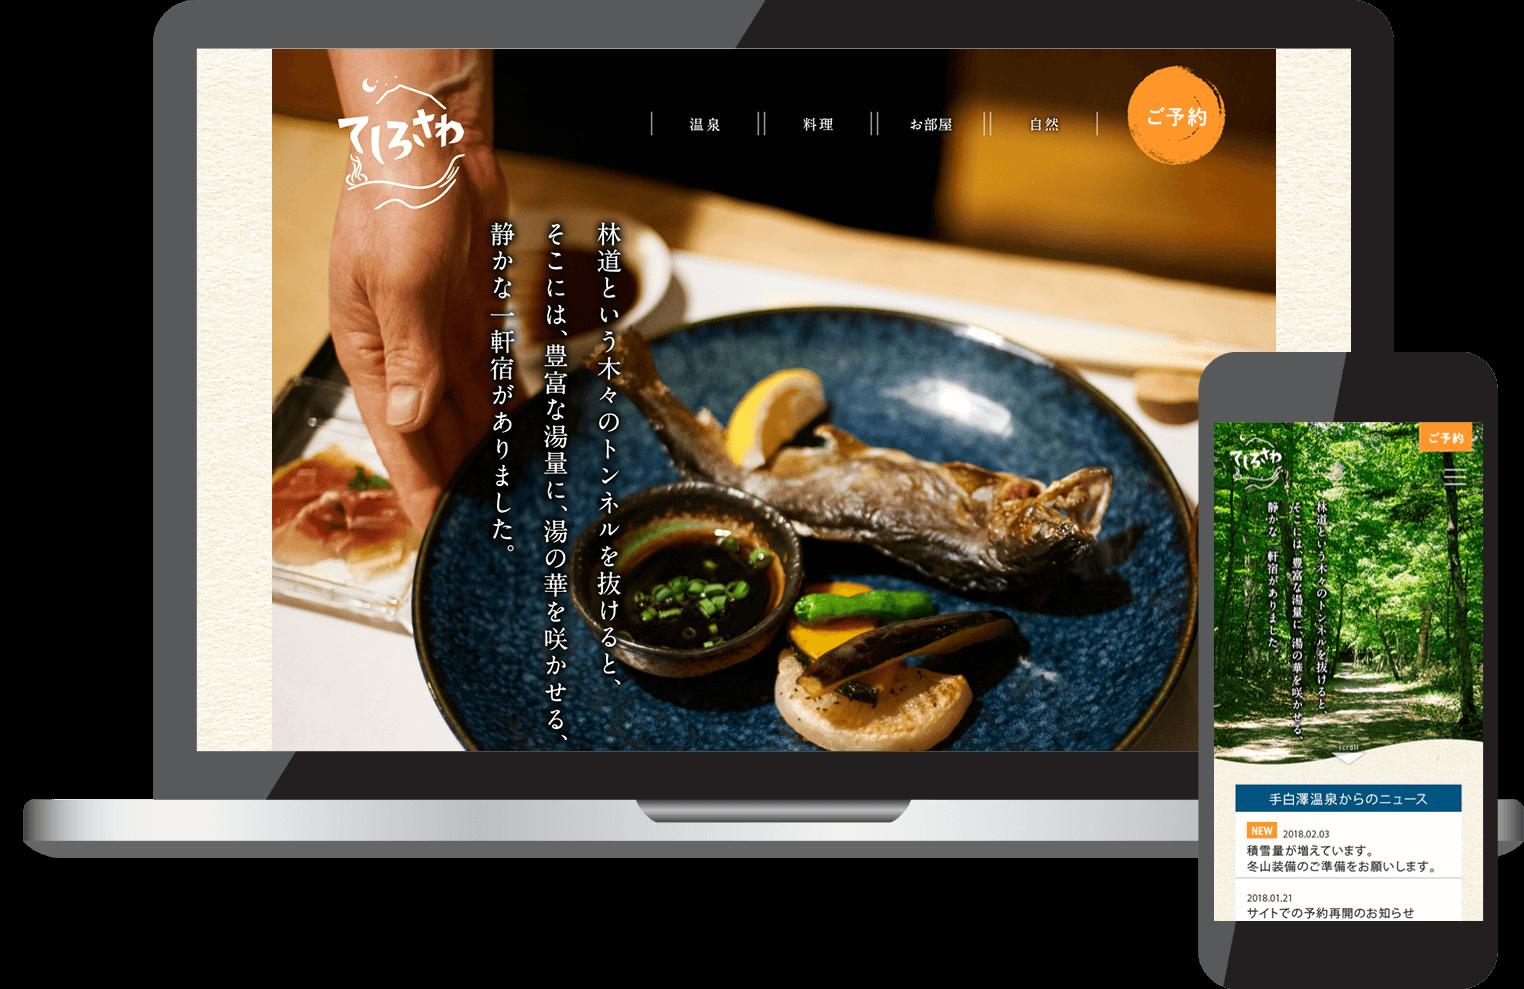 手白澤温泉ホテルウェブサイト